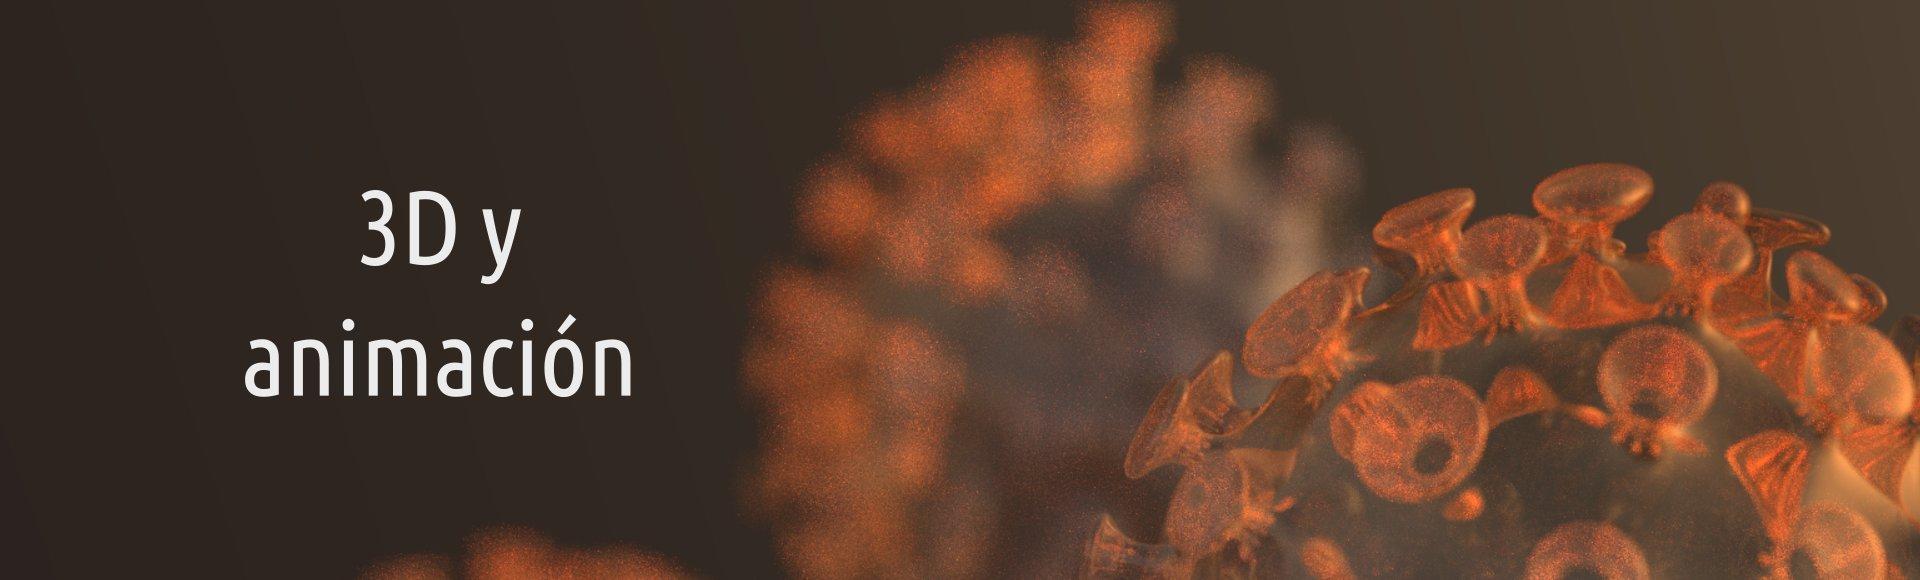 Ilustración 3D de coronavirus sars cov 2